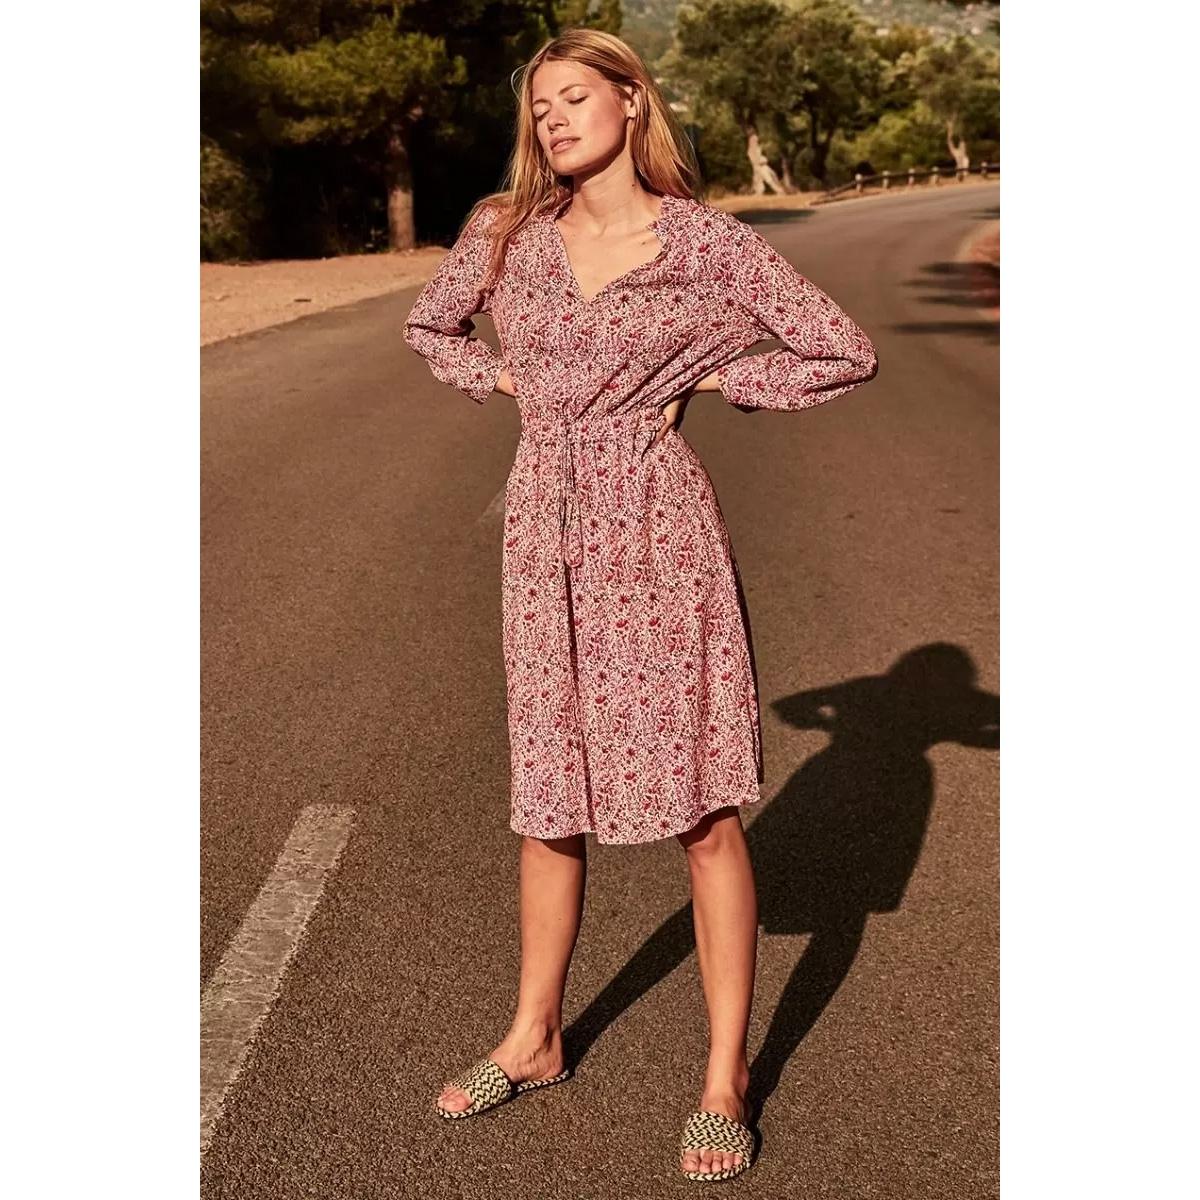 marlin dress s20 99 3055 circle of trust jurk red tree